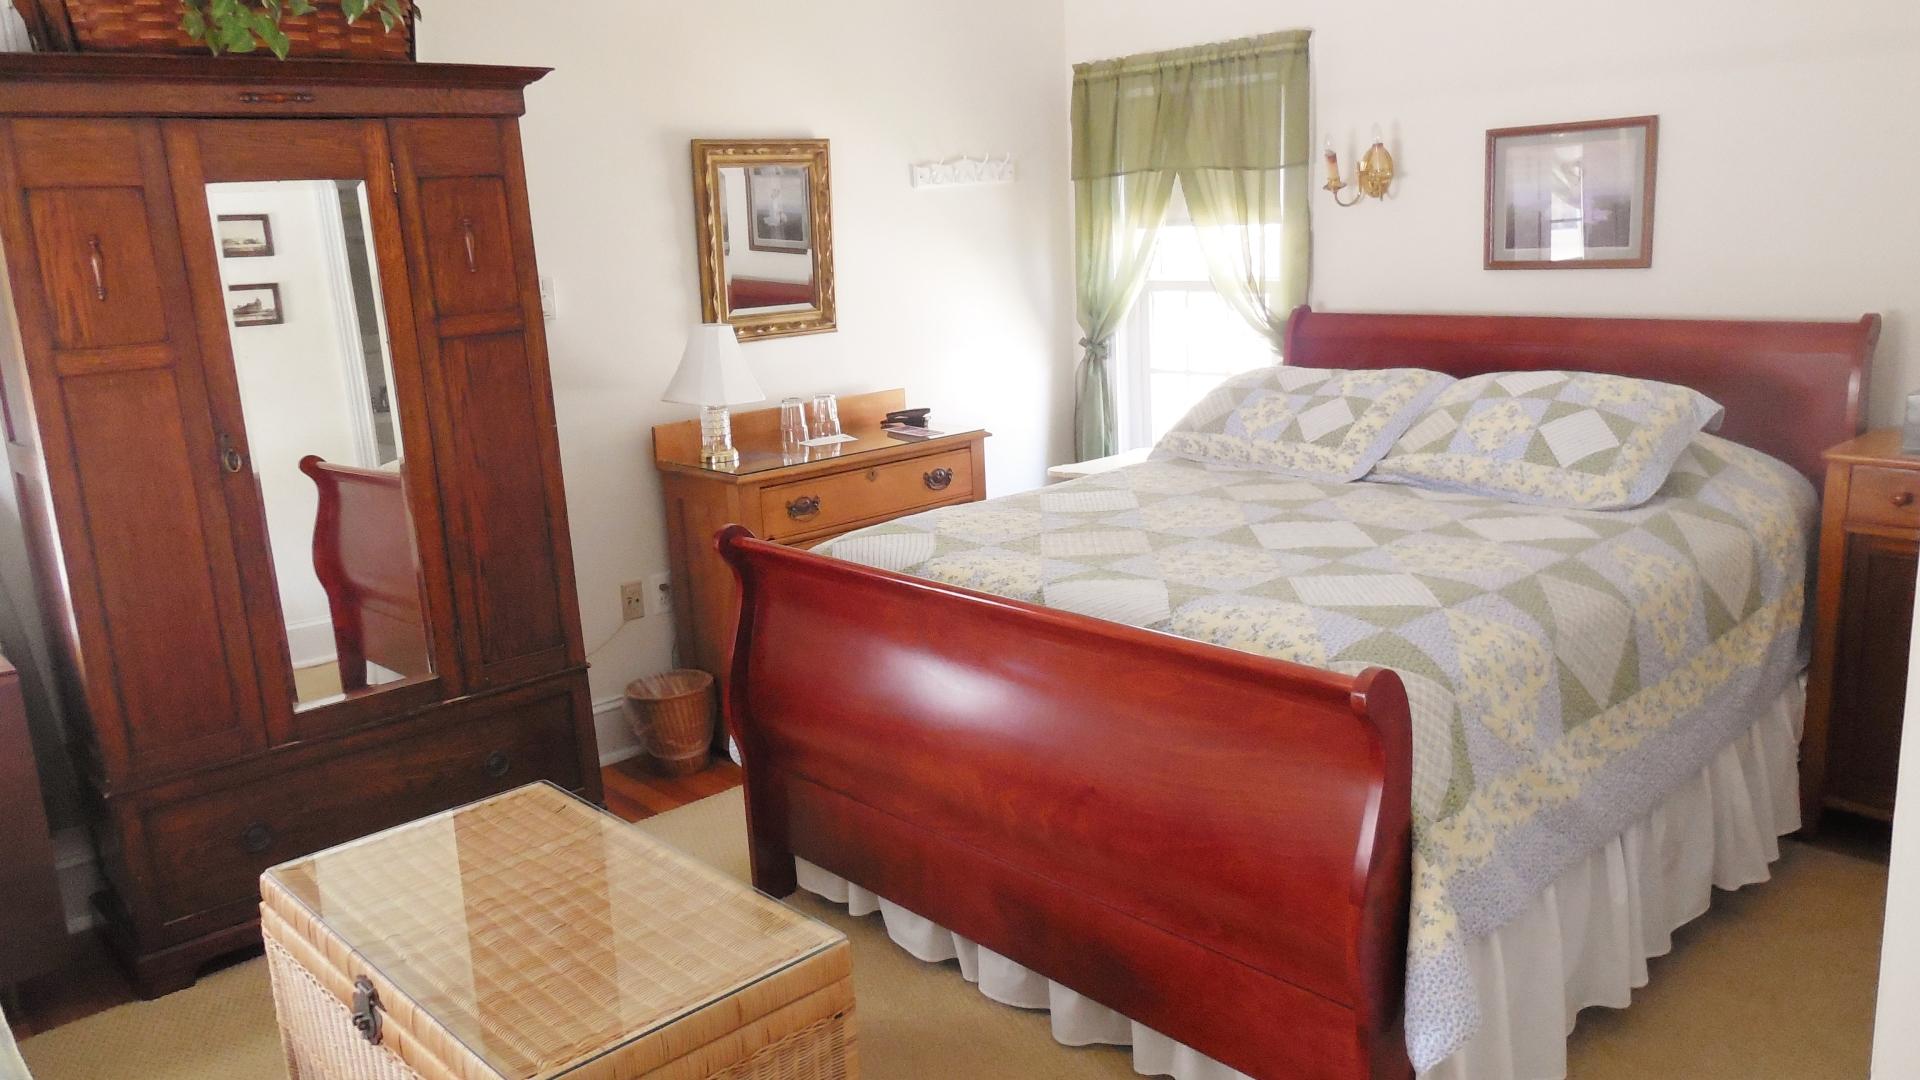 Room 9 Queen Bed, Armoire